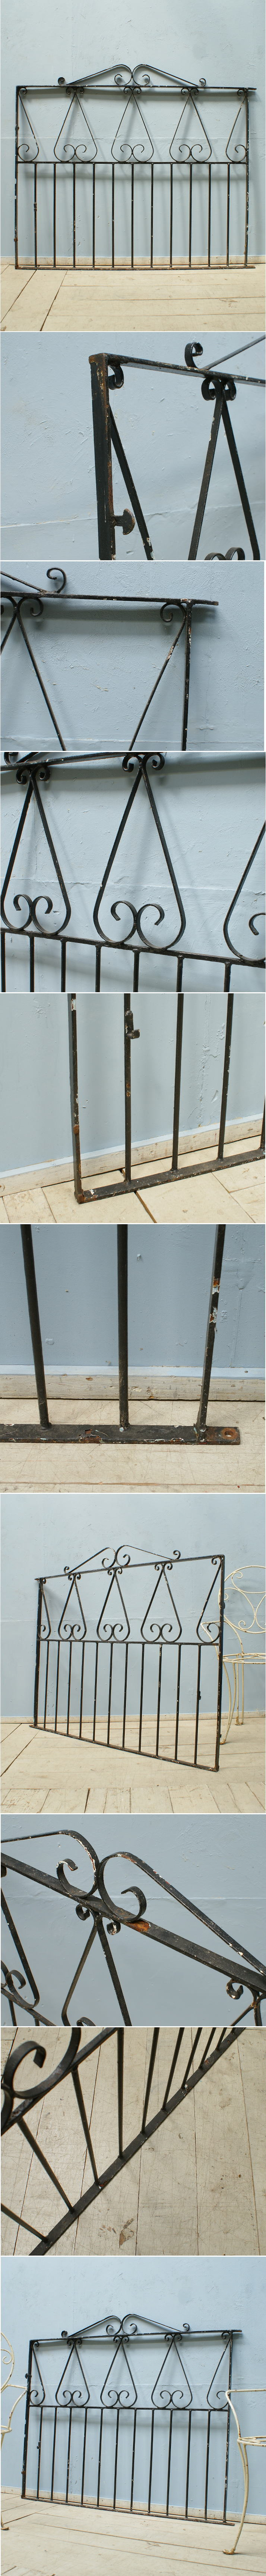 イギリス アンティーク アイアンフェンス ゲート柵 ガーデニング 6155